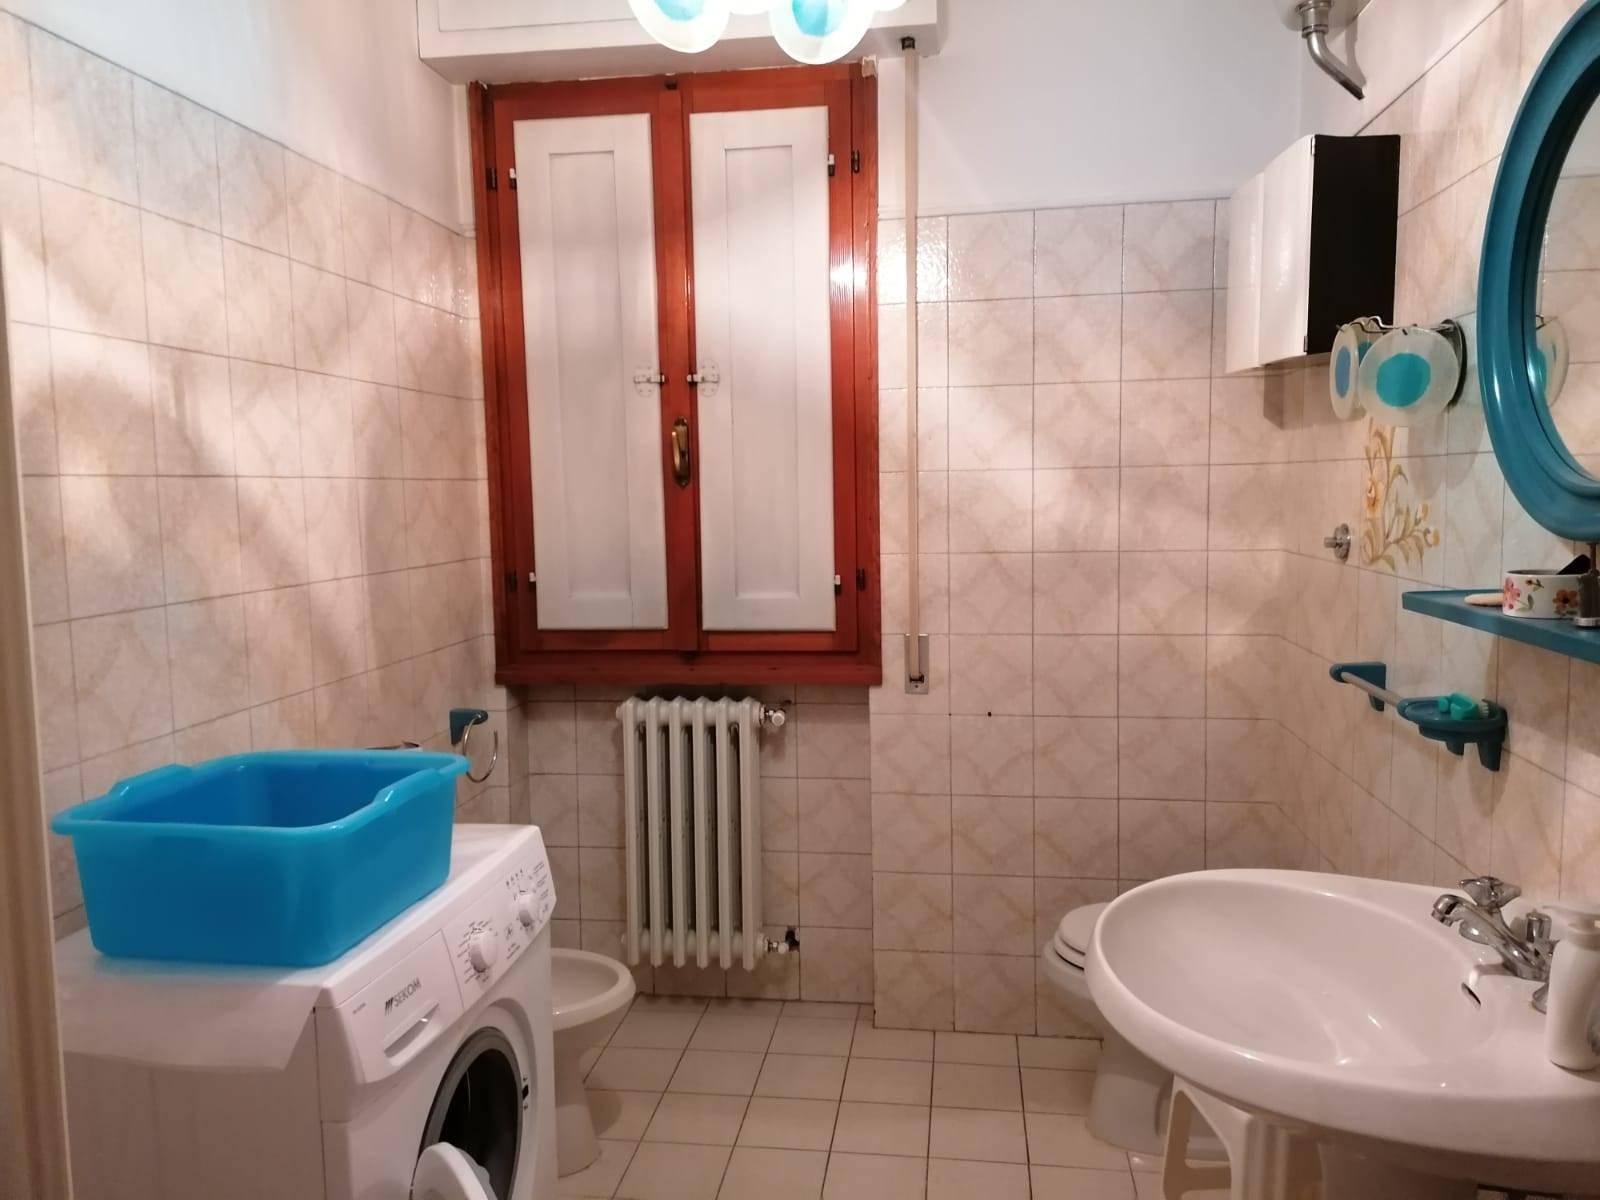 Villa in Vendita a Campi bisenzio zona  - immagine 18